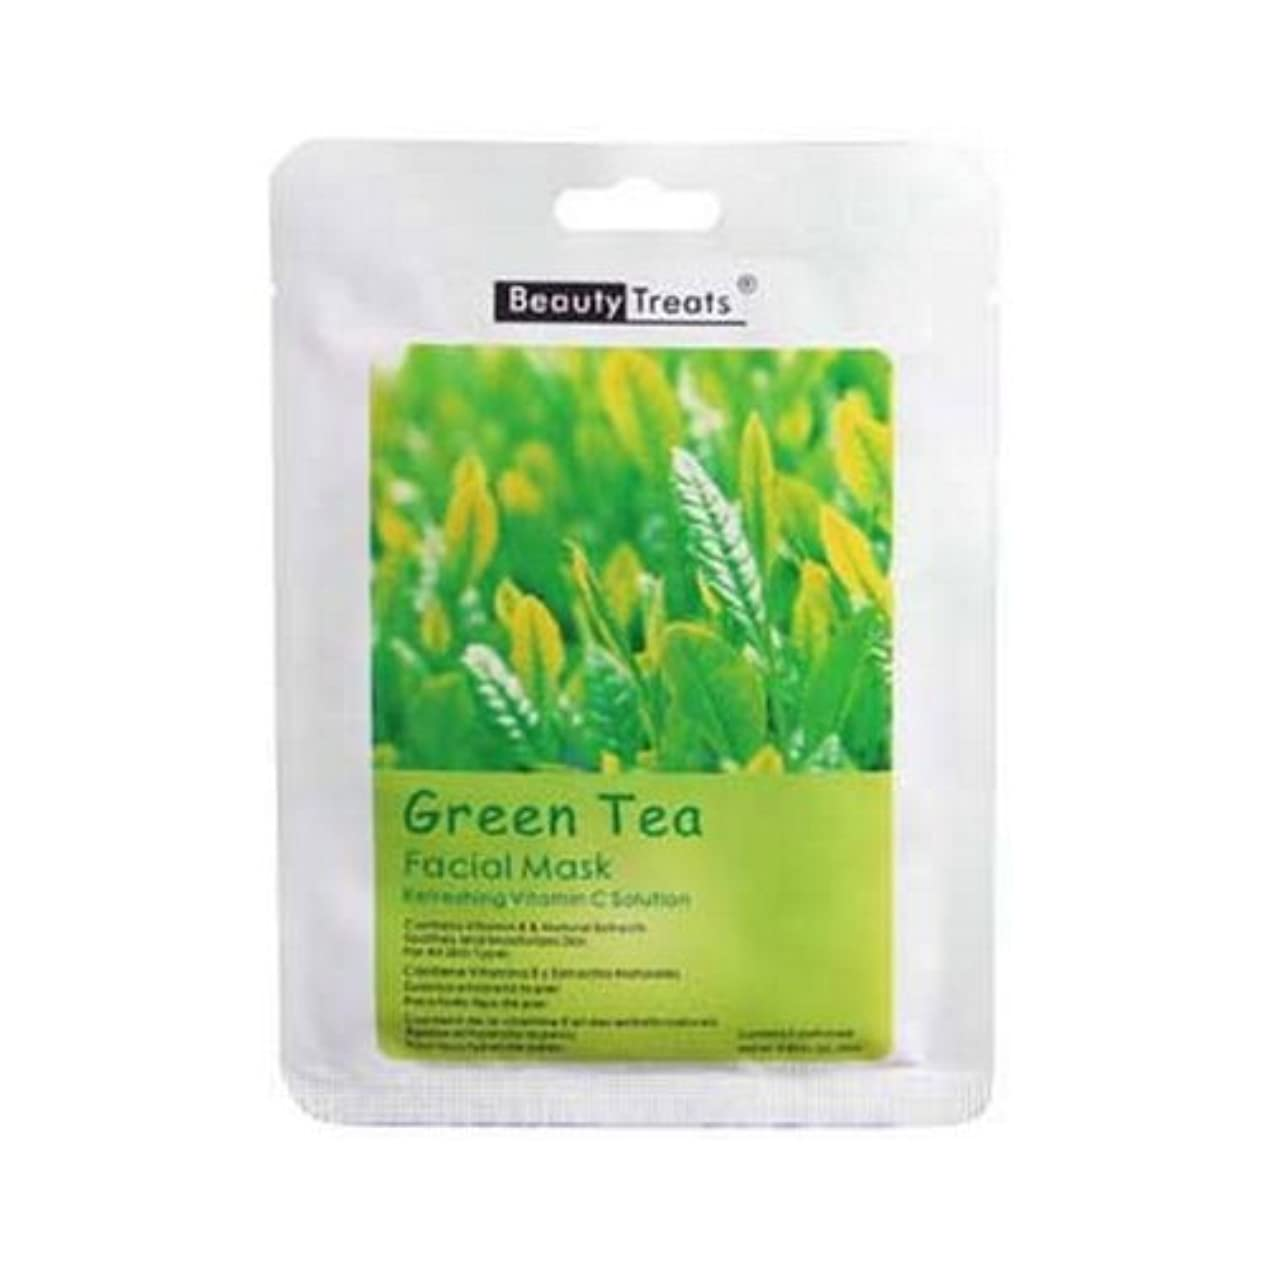 序文ピース浪費(3 Pack) BEAUTY TREATS Facial Mask Refreshing Vitamin C Solution - Green Tea (並行輸入品)